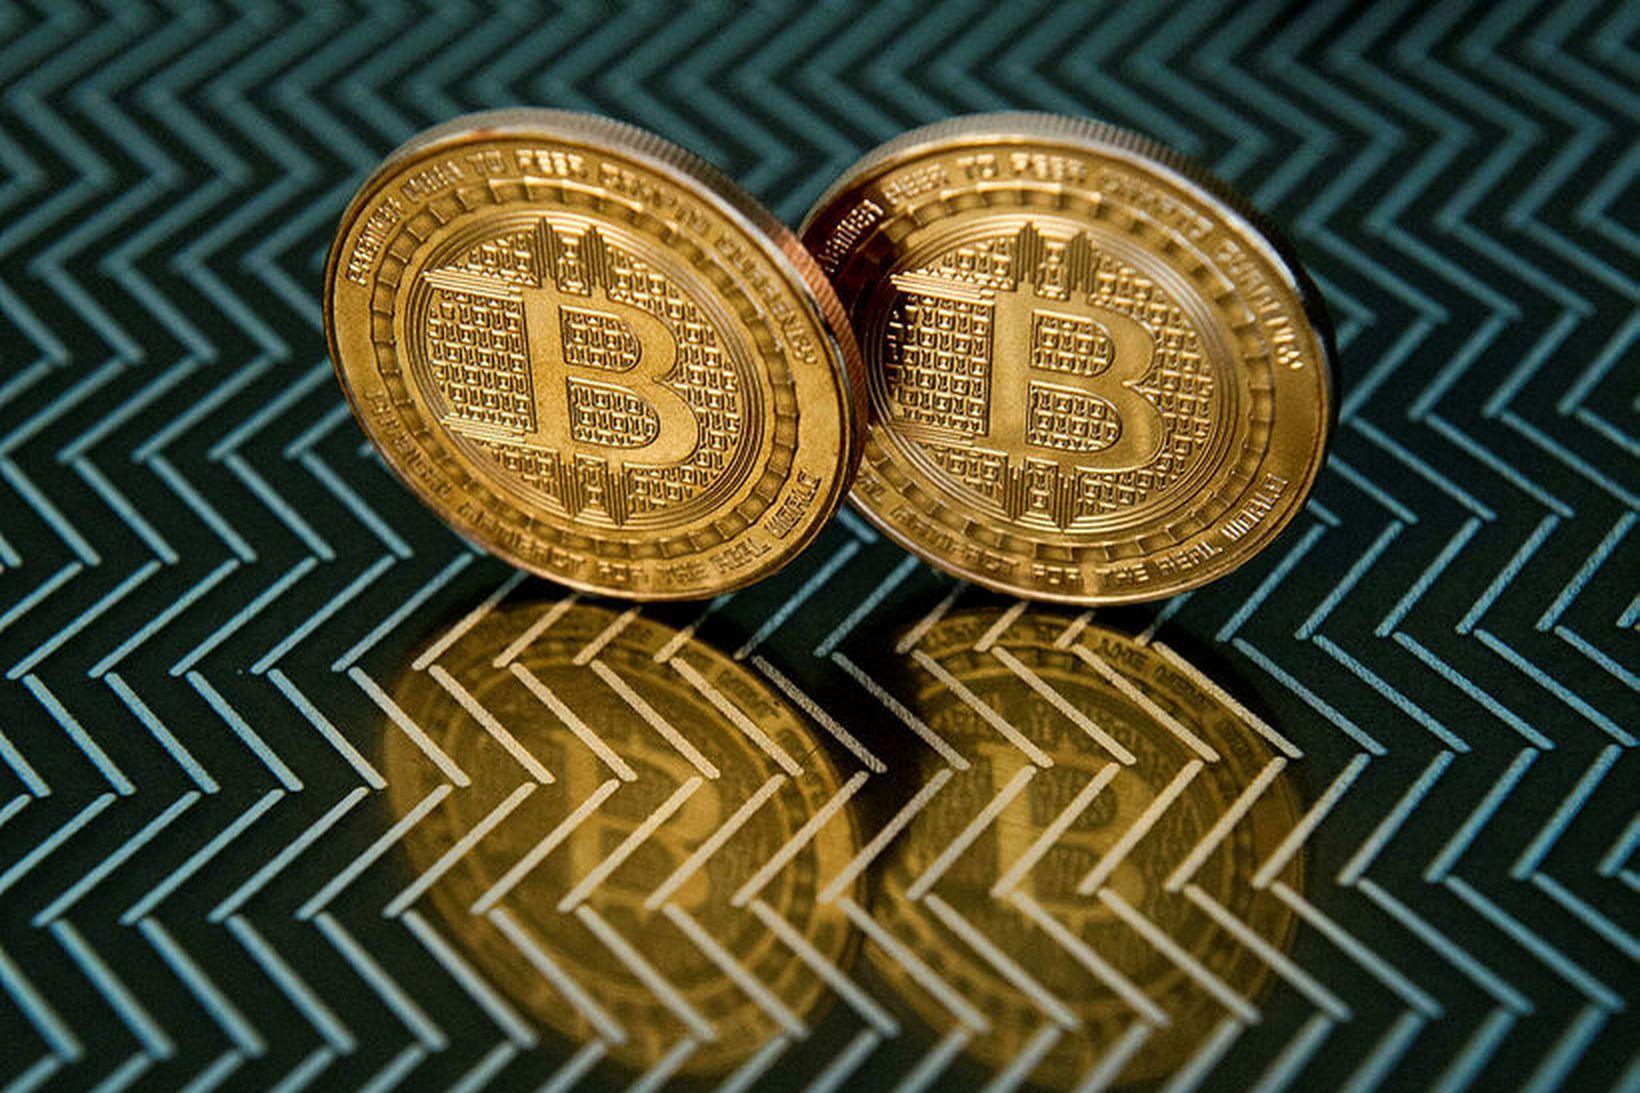 Sveitarfélögin tvö í Flórída greiddu bæði lausnargjald með bitcoin.